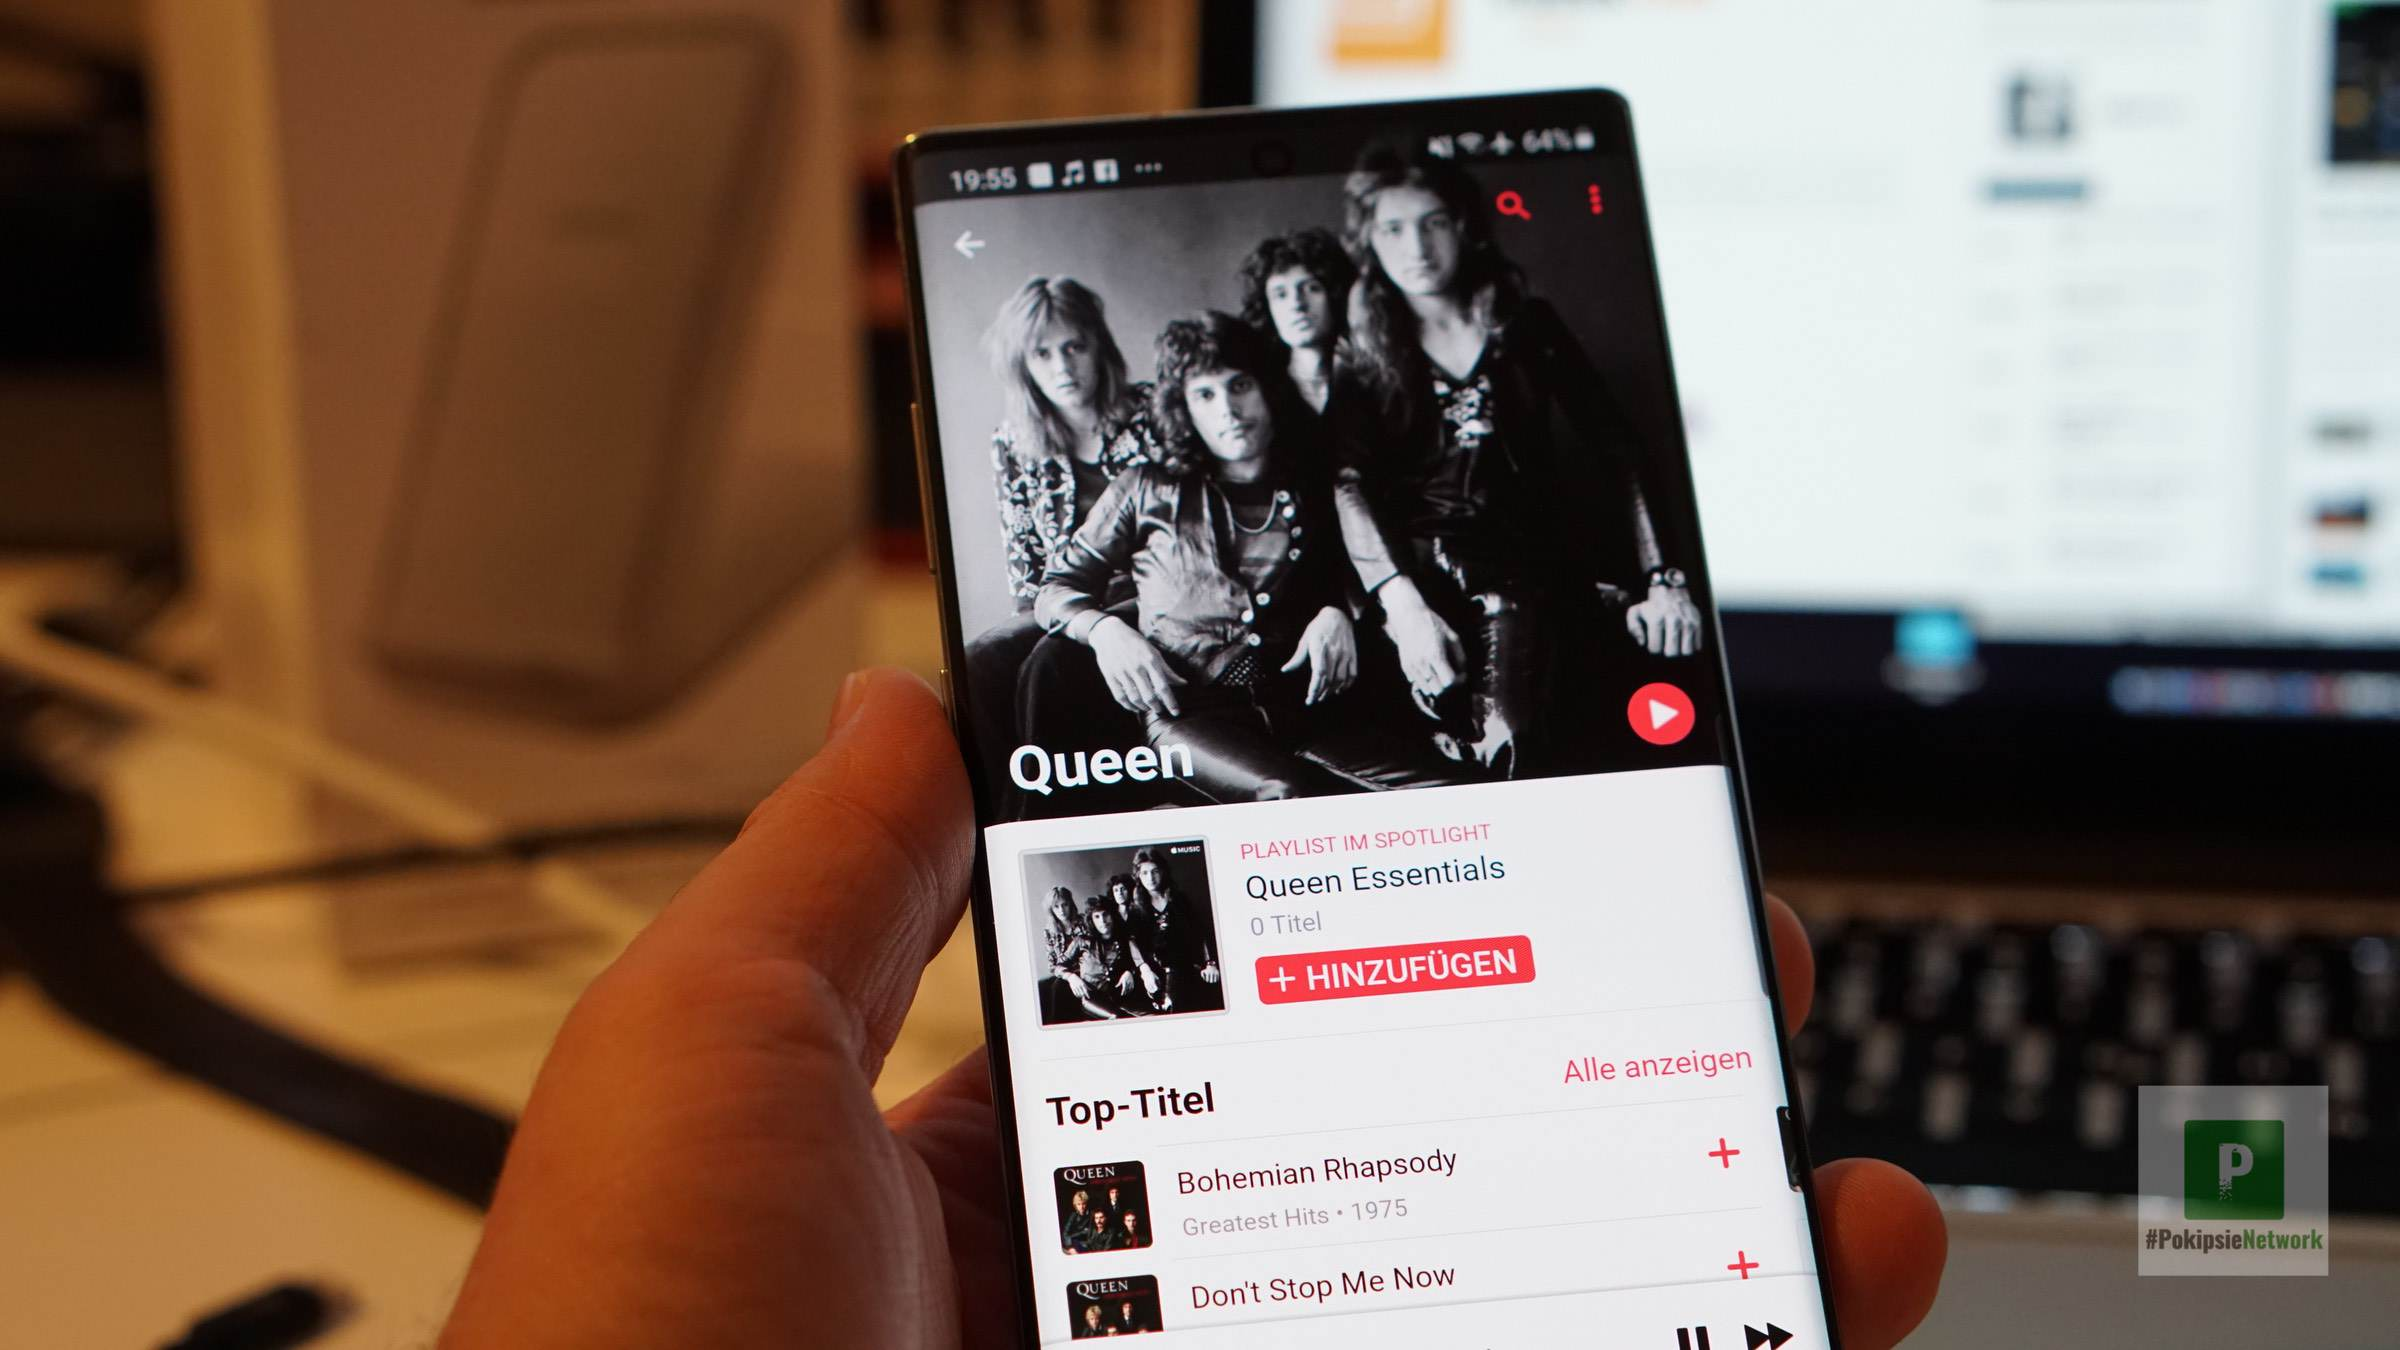 Musik hören von Queen